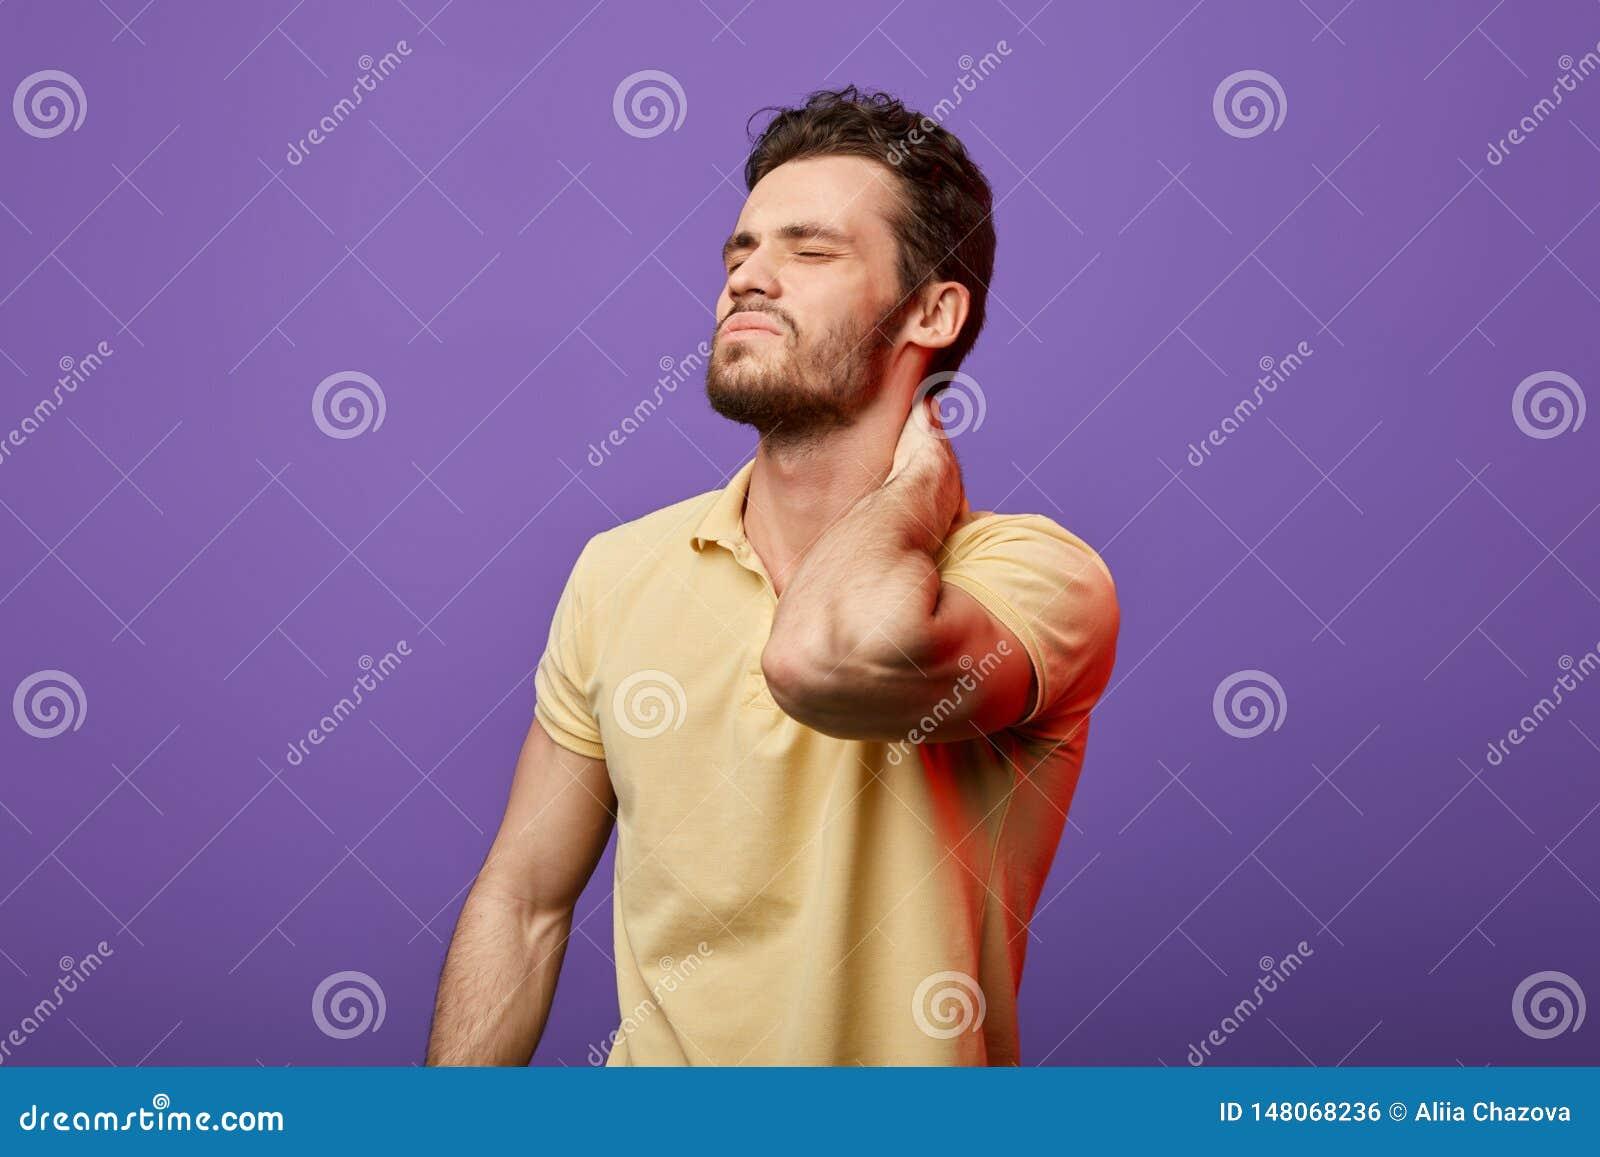 Hombre enfermo que se sostiene el cuello, individuo con lesión del músculo, teniendo dolor en su cuello